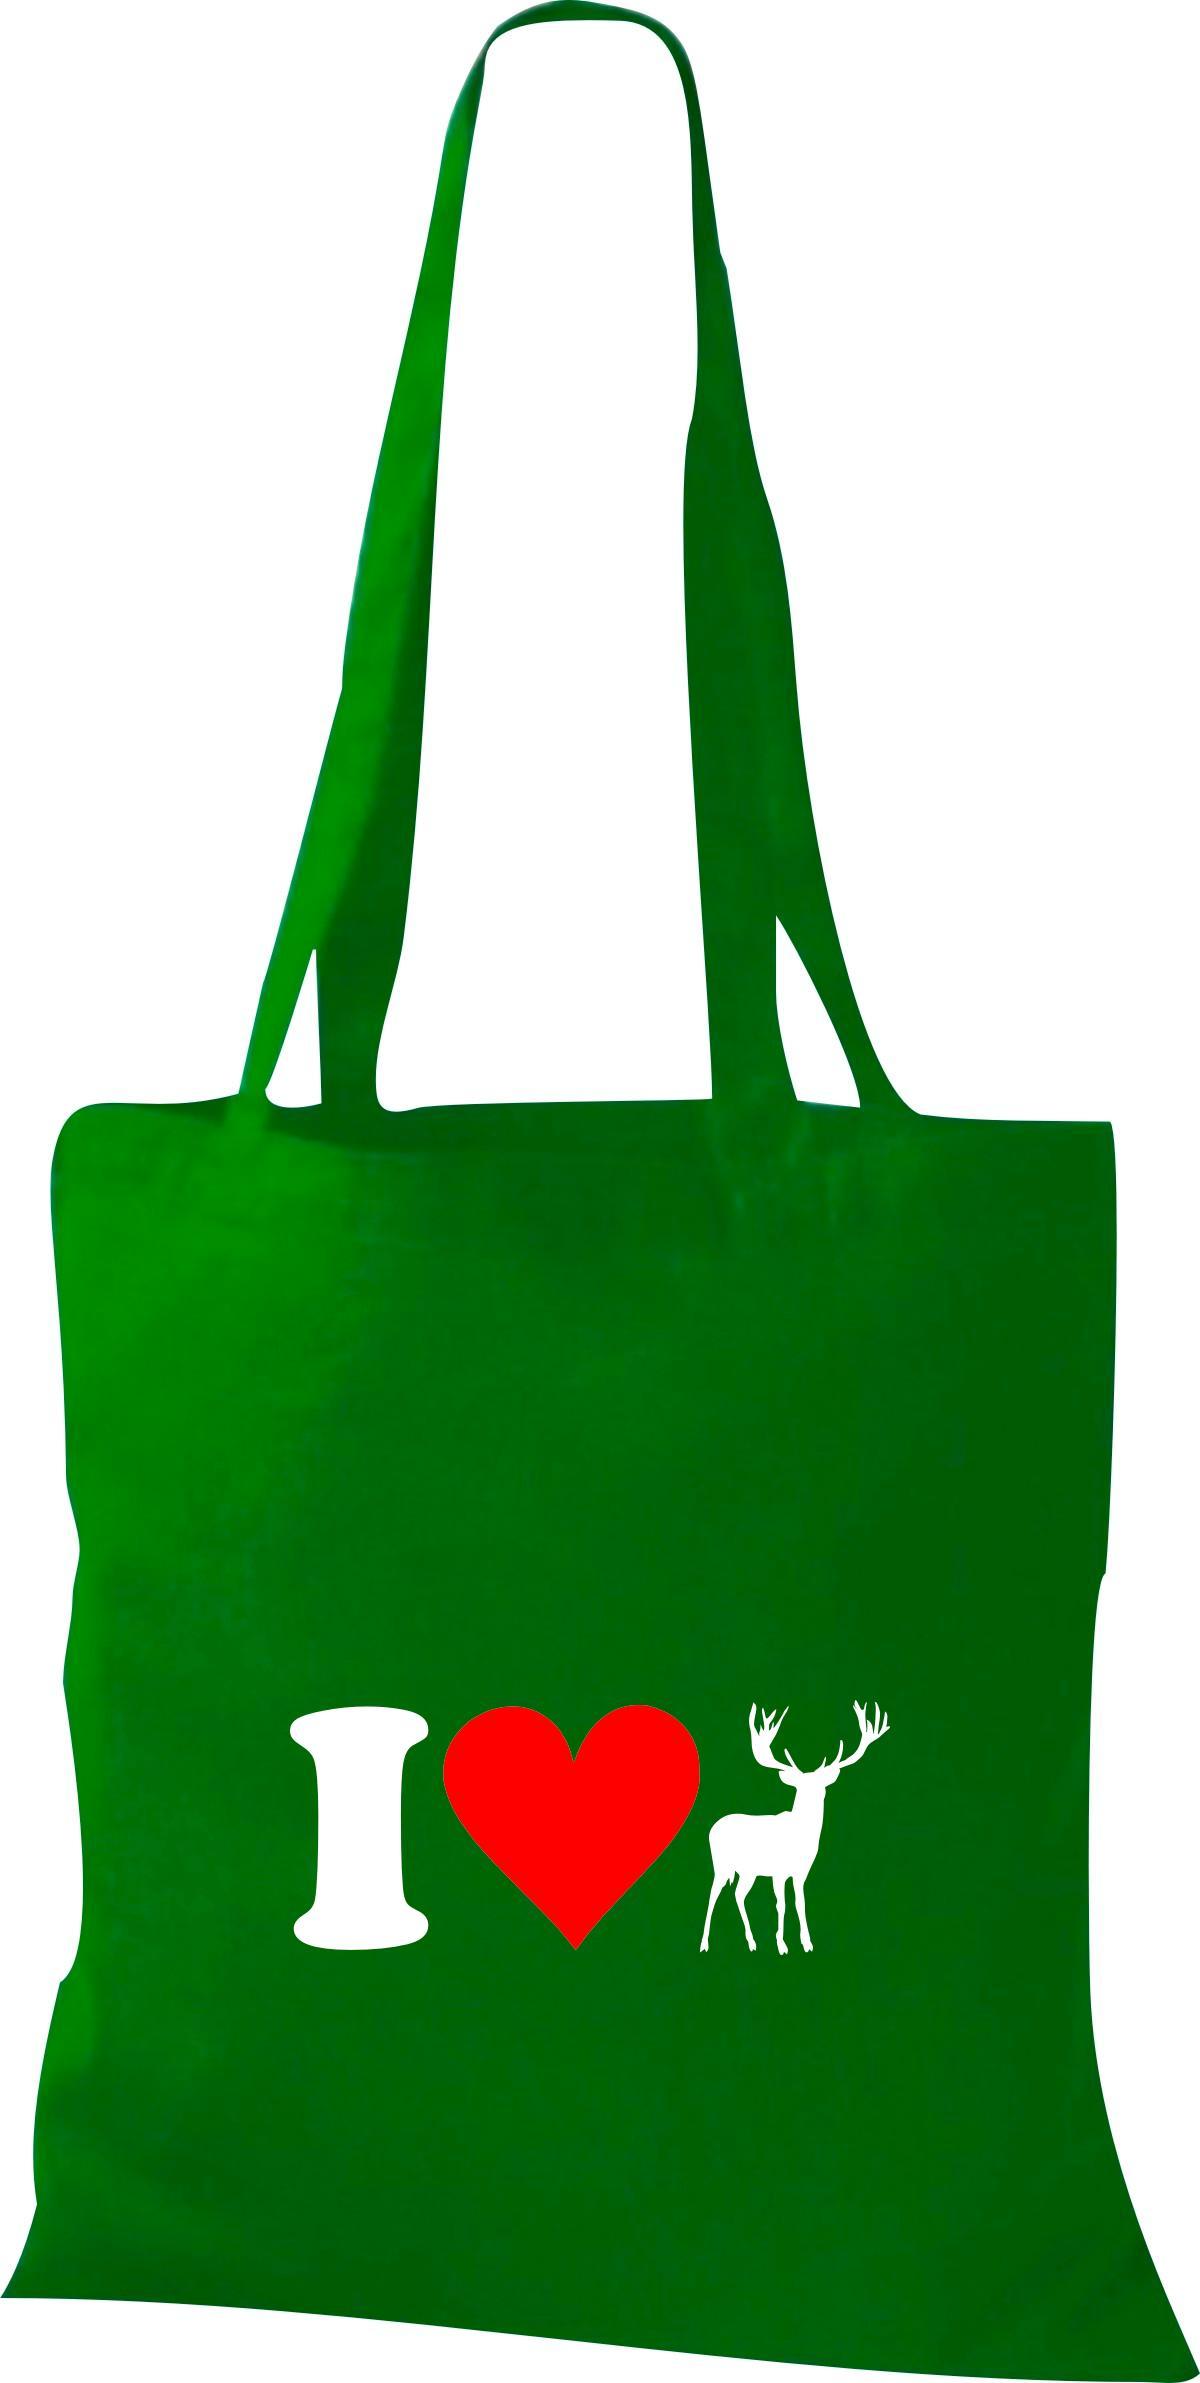 Stoffbeutel I Love Elch Reh Wild Tiere Tiermotive Naturkult, Baumwolltasche viel